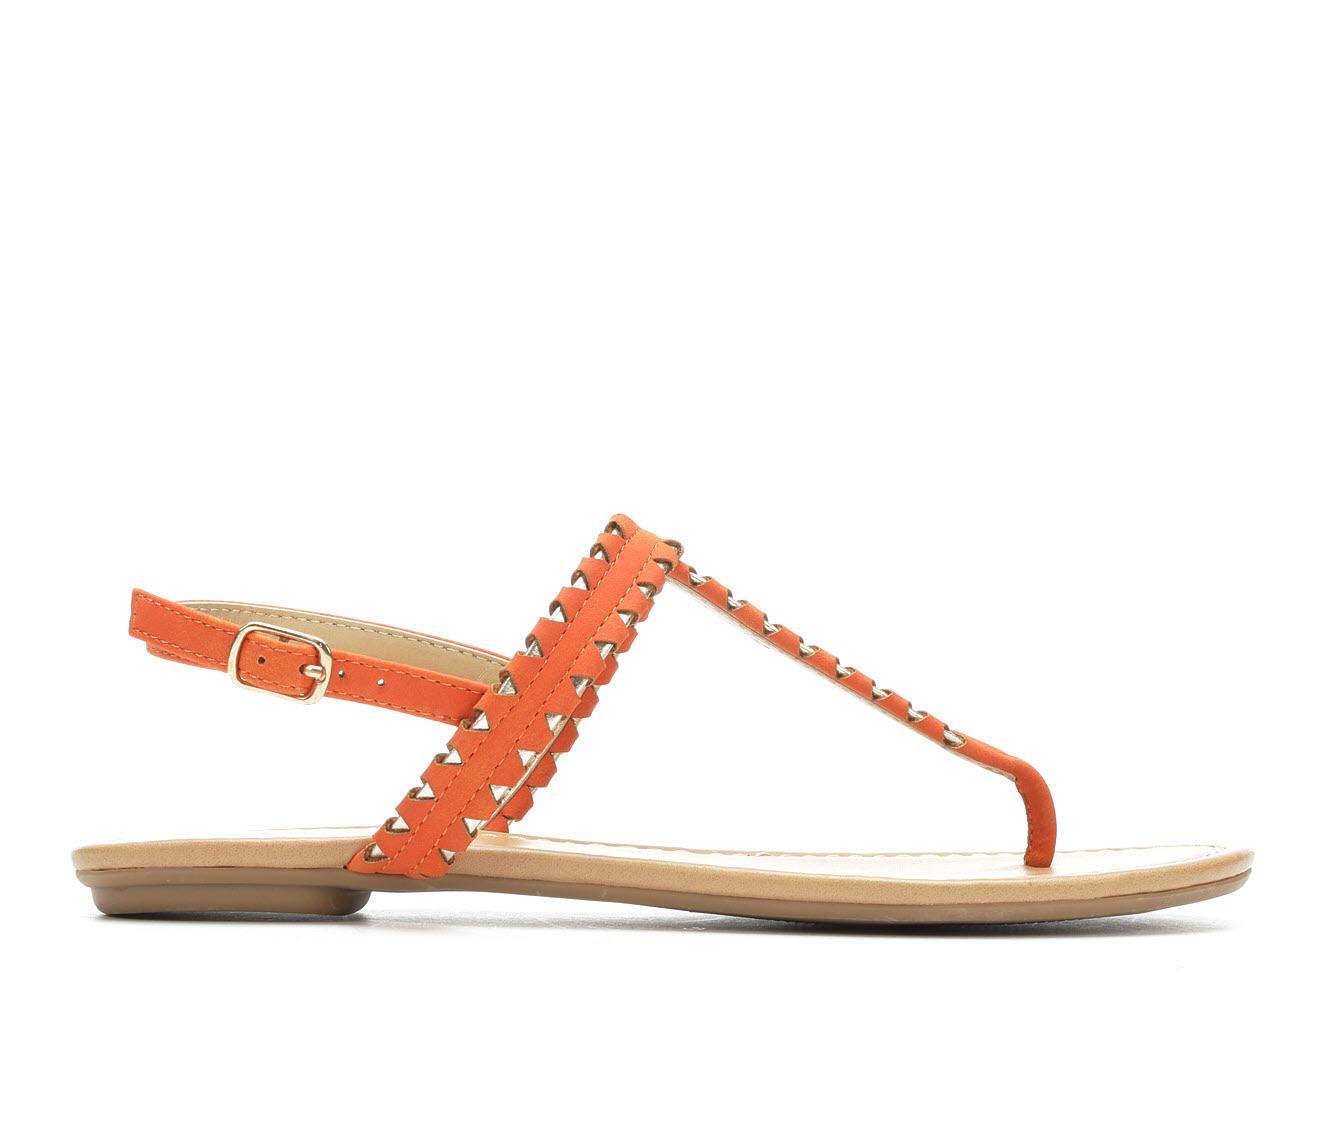 Y-Not Josie Women's Sandal (Orange Faux Leather)